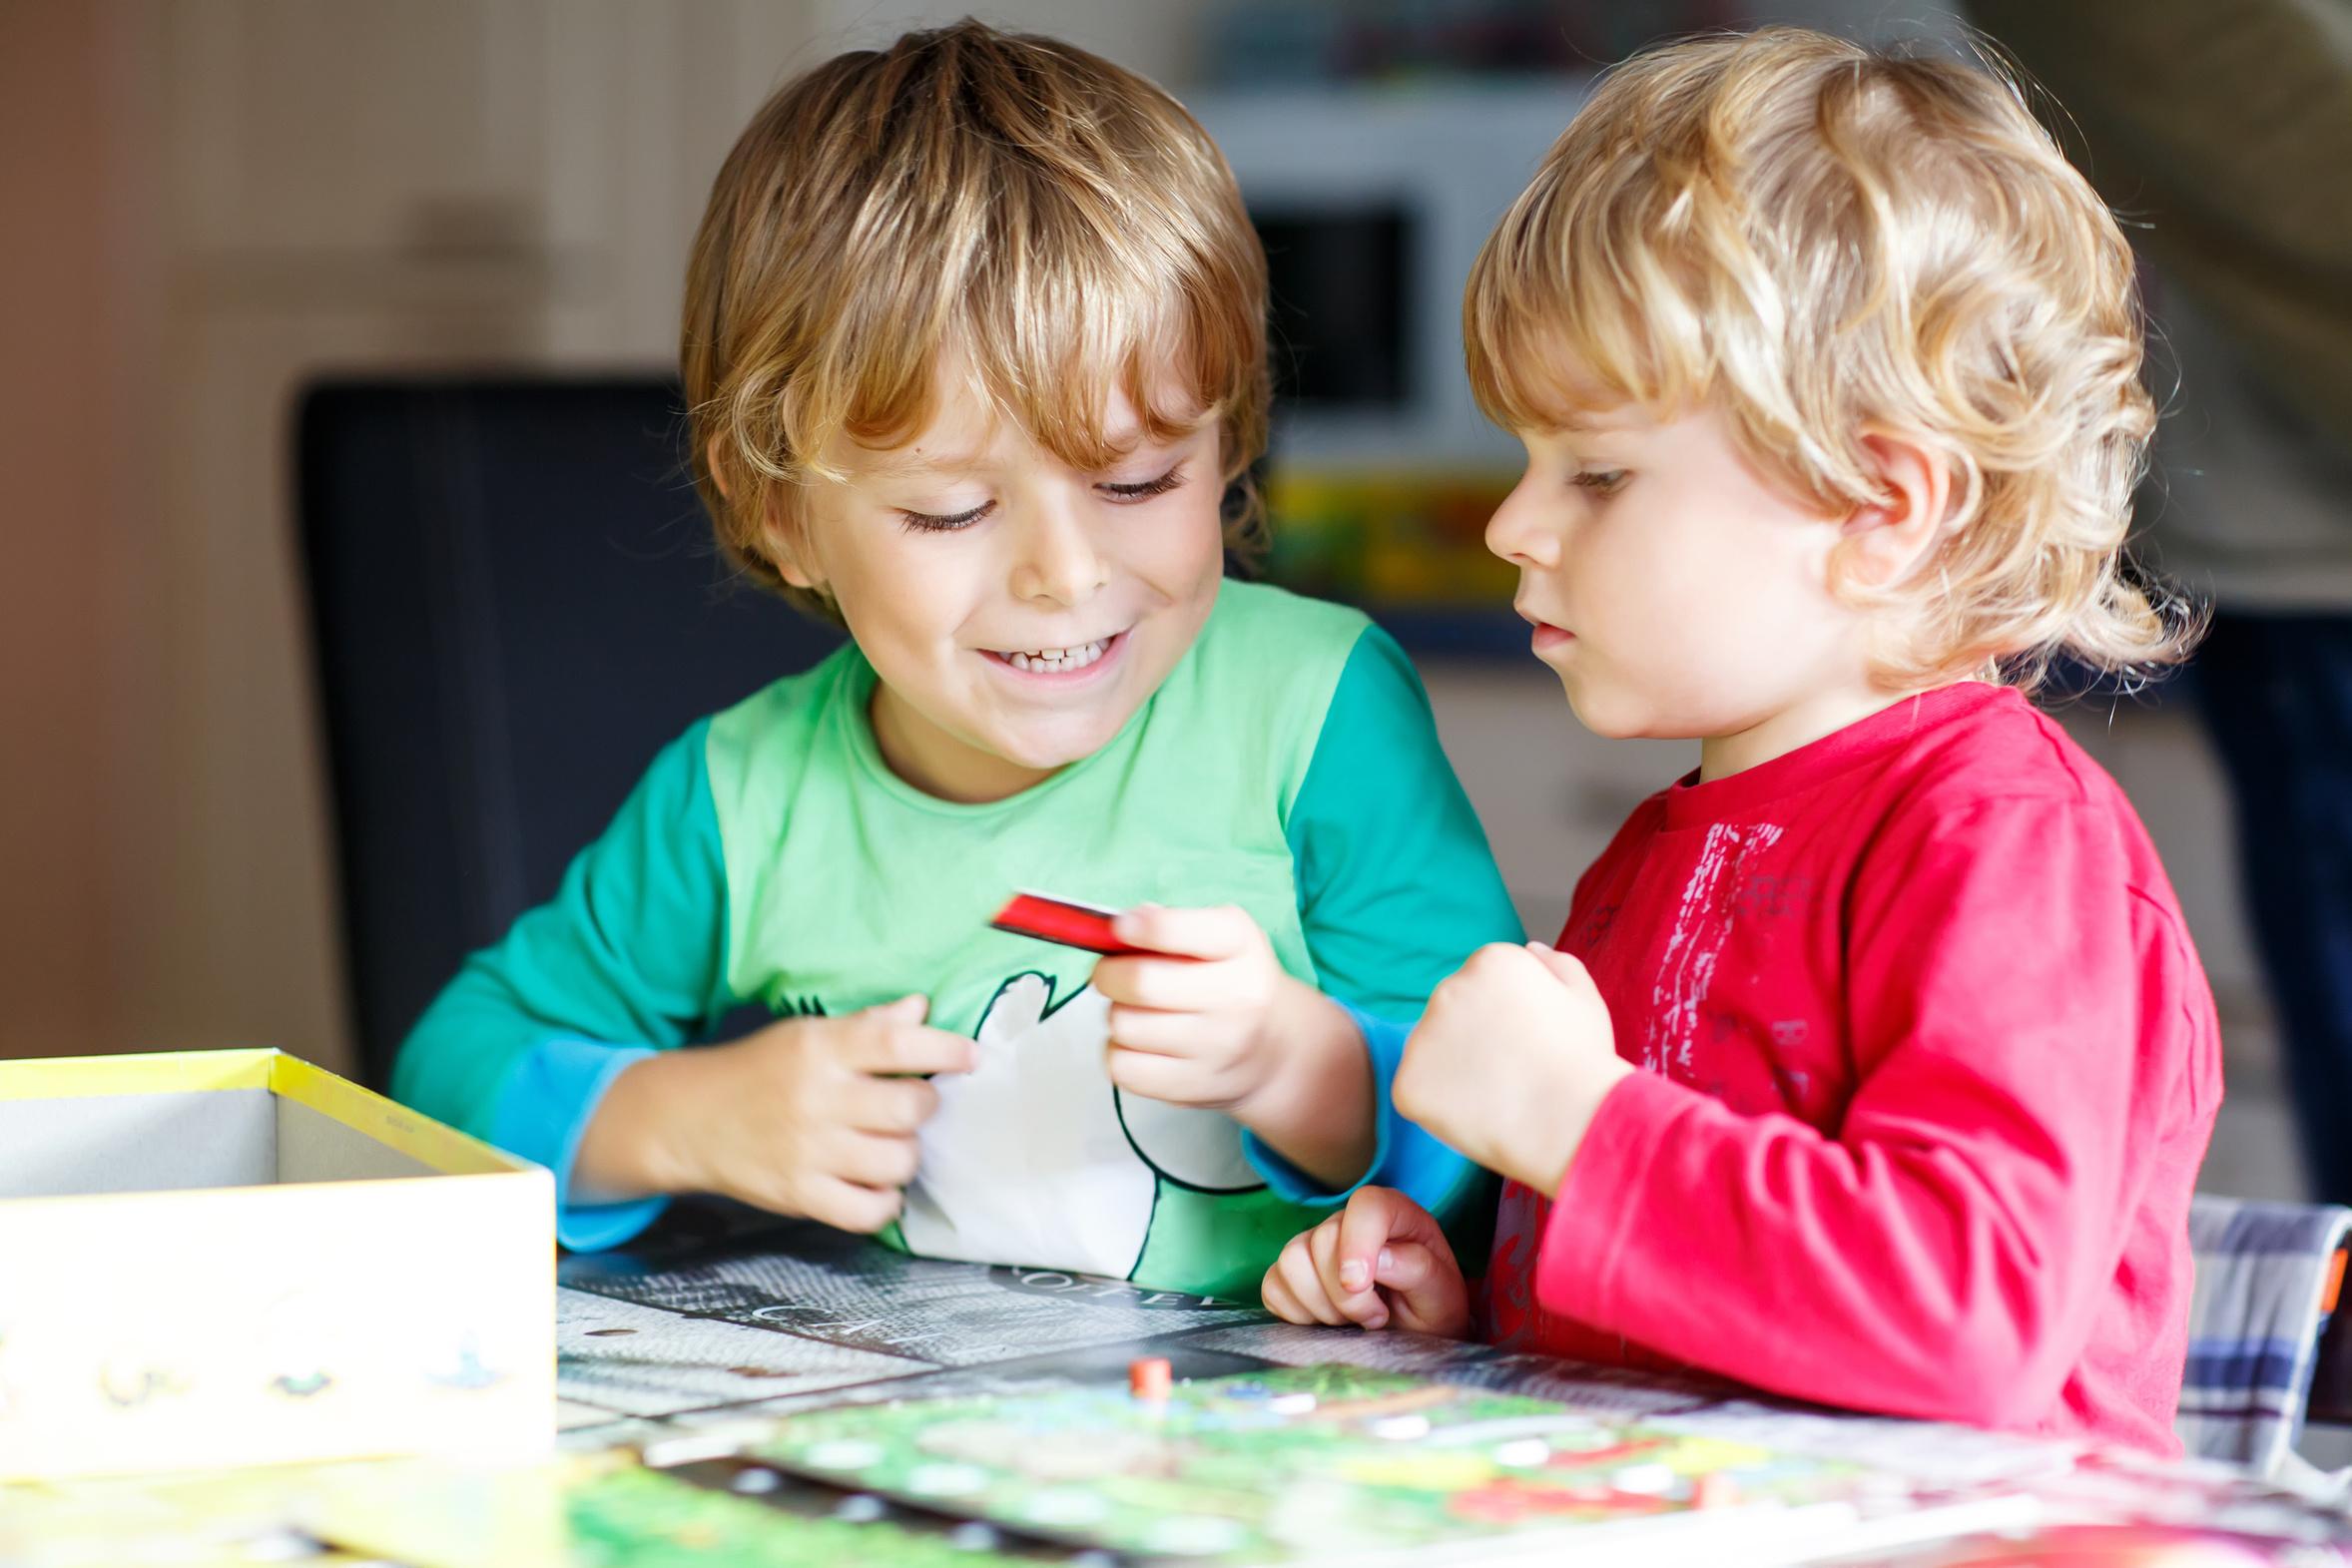 Najlepsze gry planszowe dla małego dziecka - sposoby na wspólną zabawę